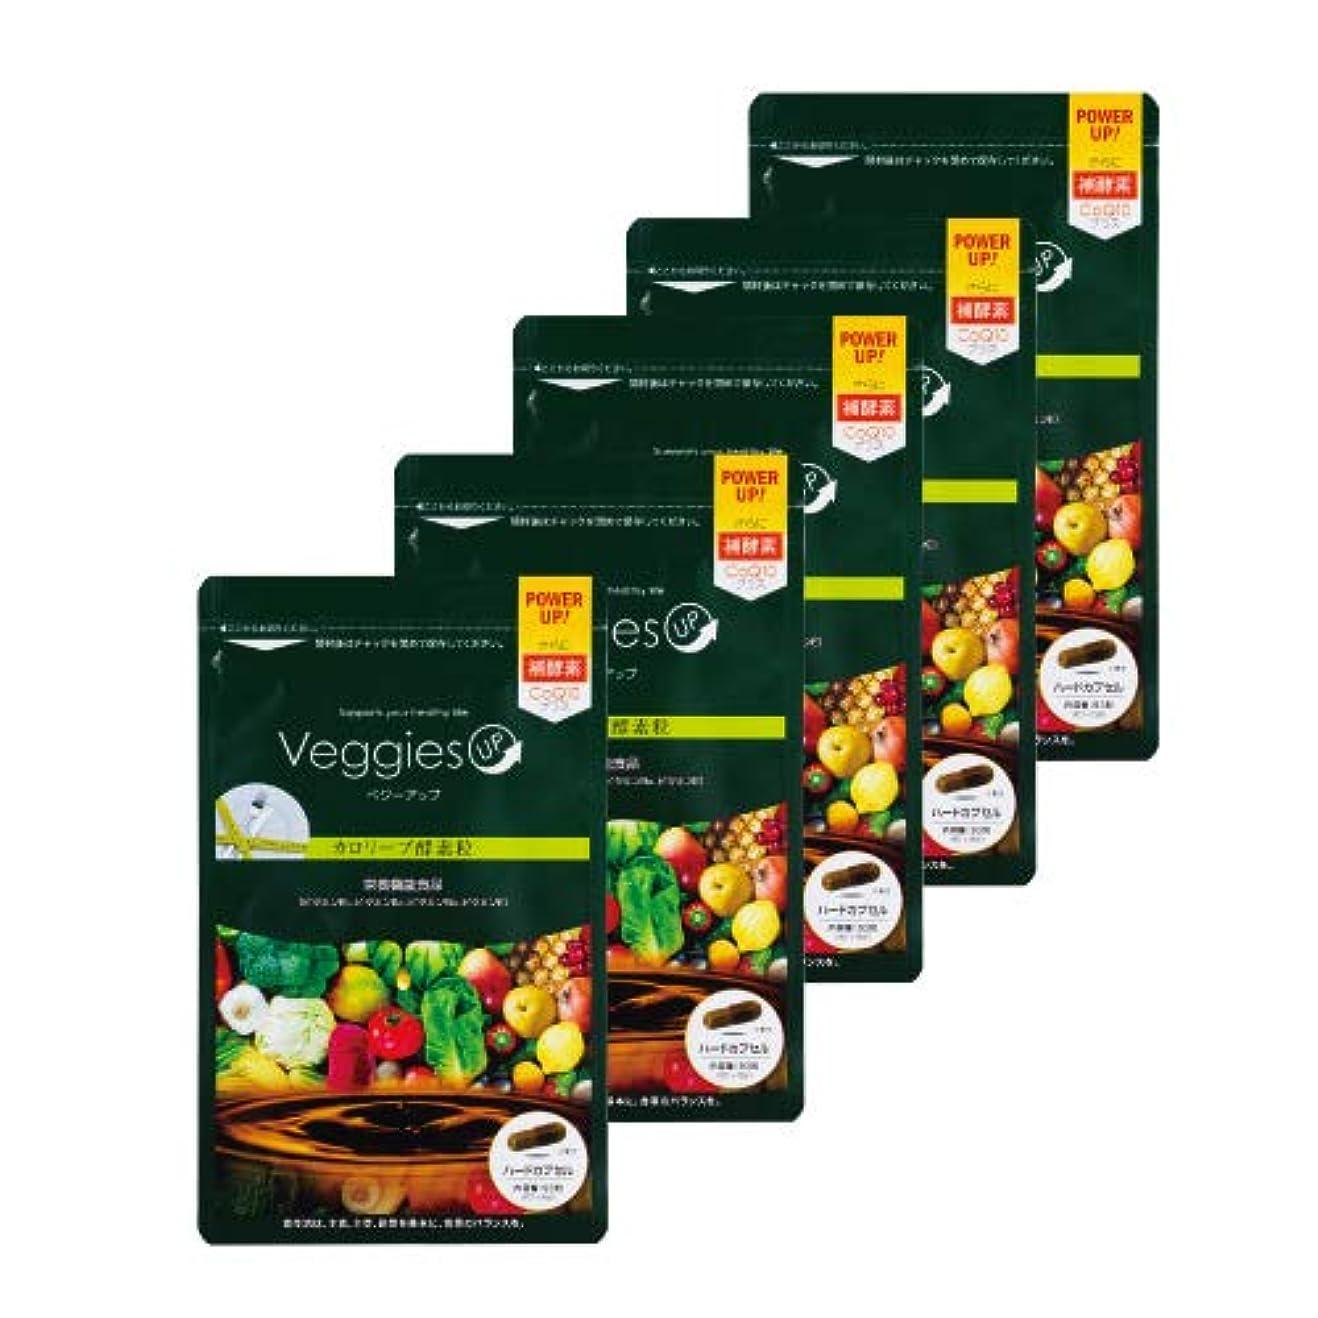 かき混ぜるおとなしい満足させるベジーアップ酵素粒カロリーブ 93粒 5袋セット ダイエット 酵素サプリ 酵素ダイエット サラシア コエンザイムQ10 竹炭